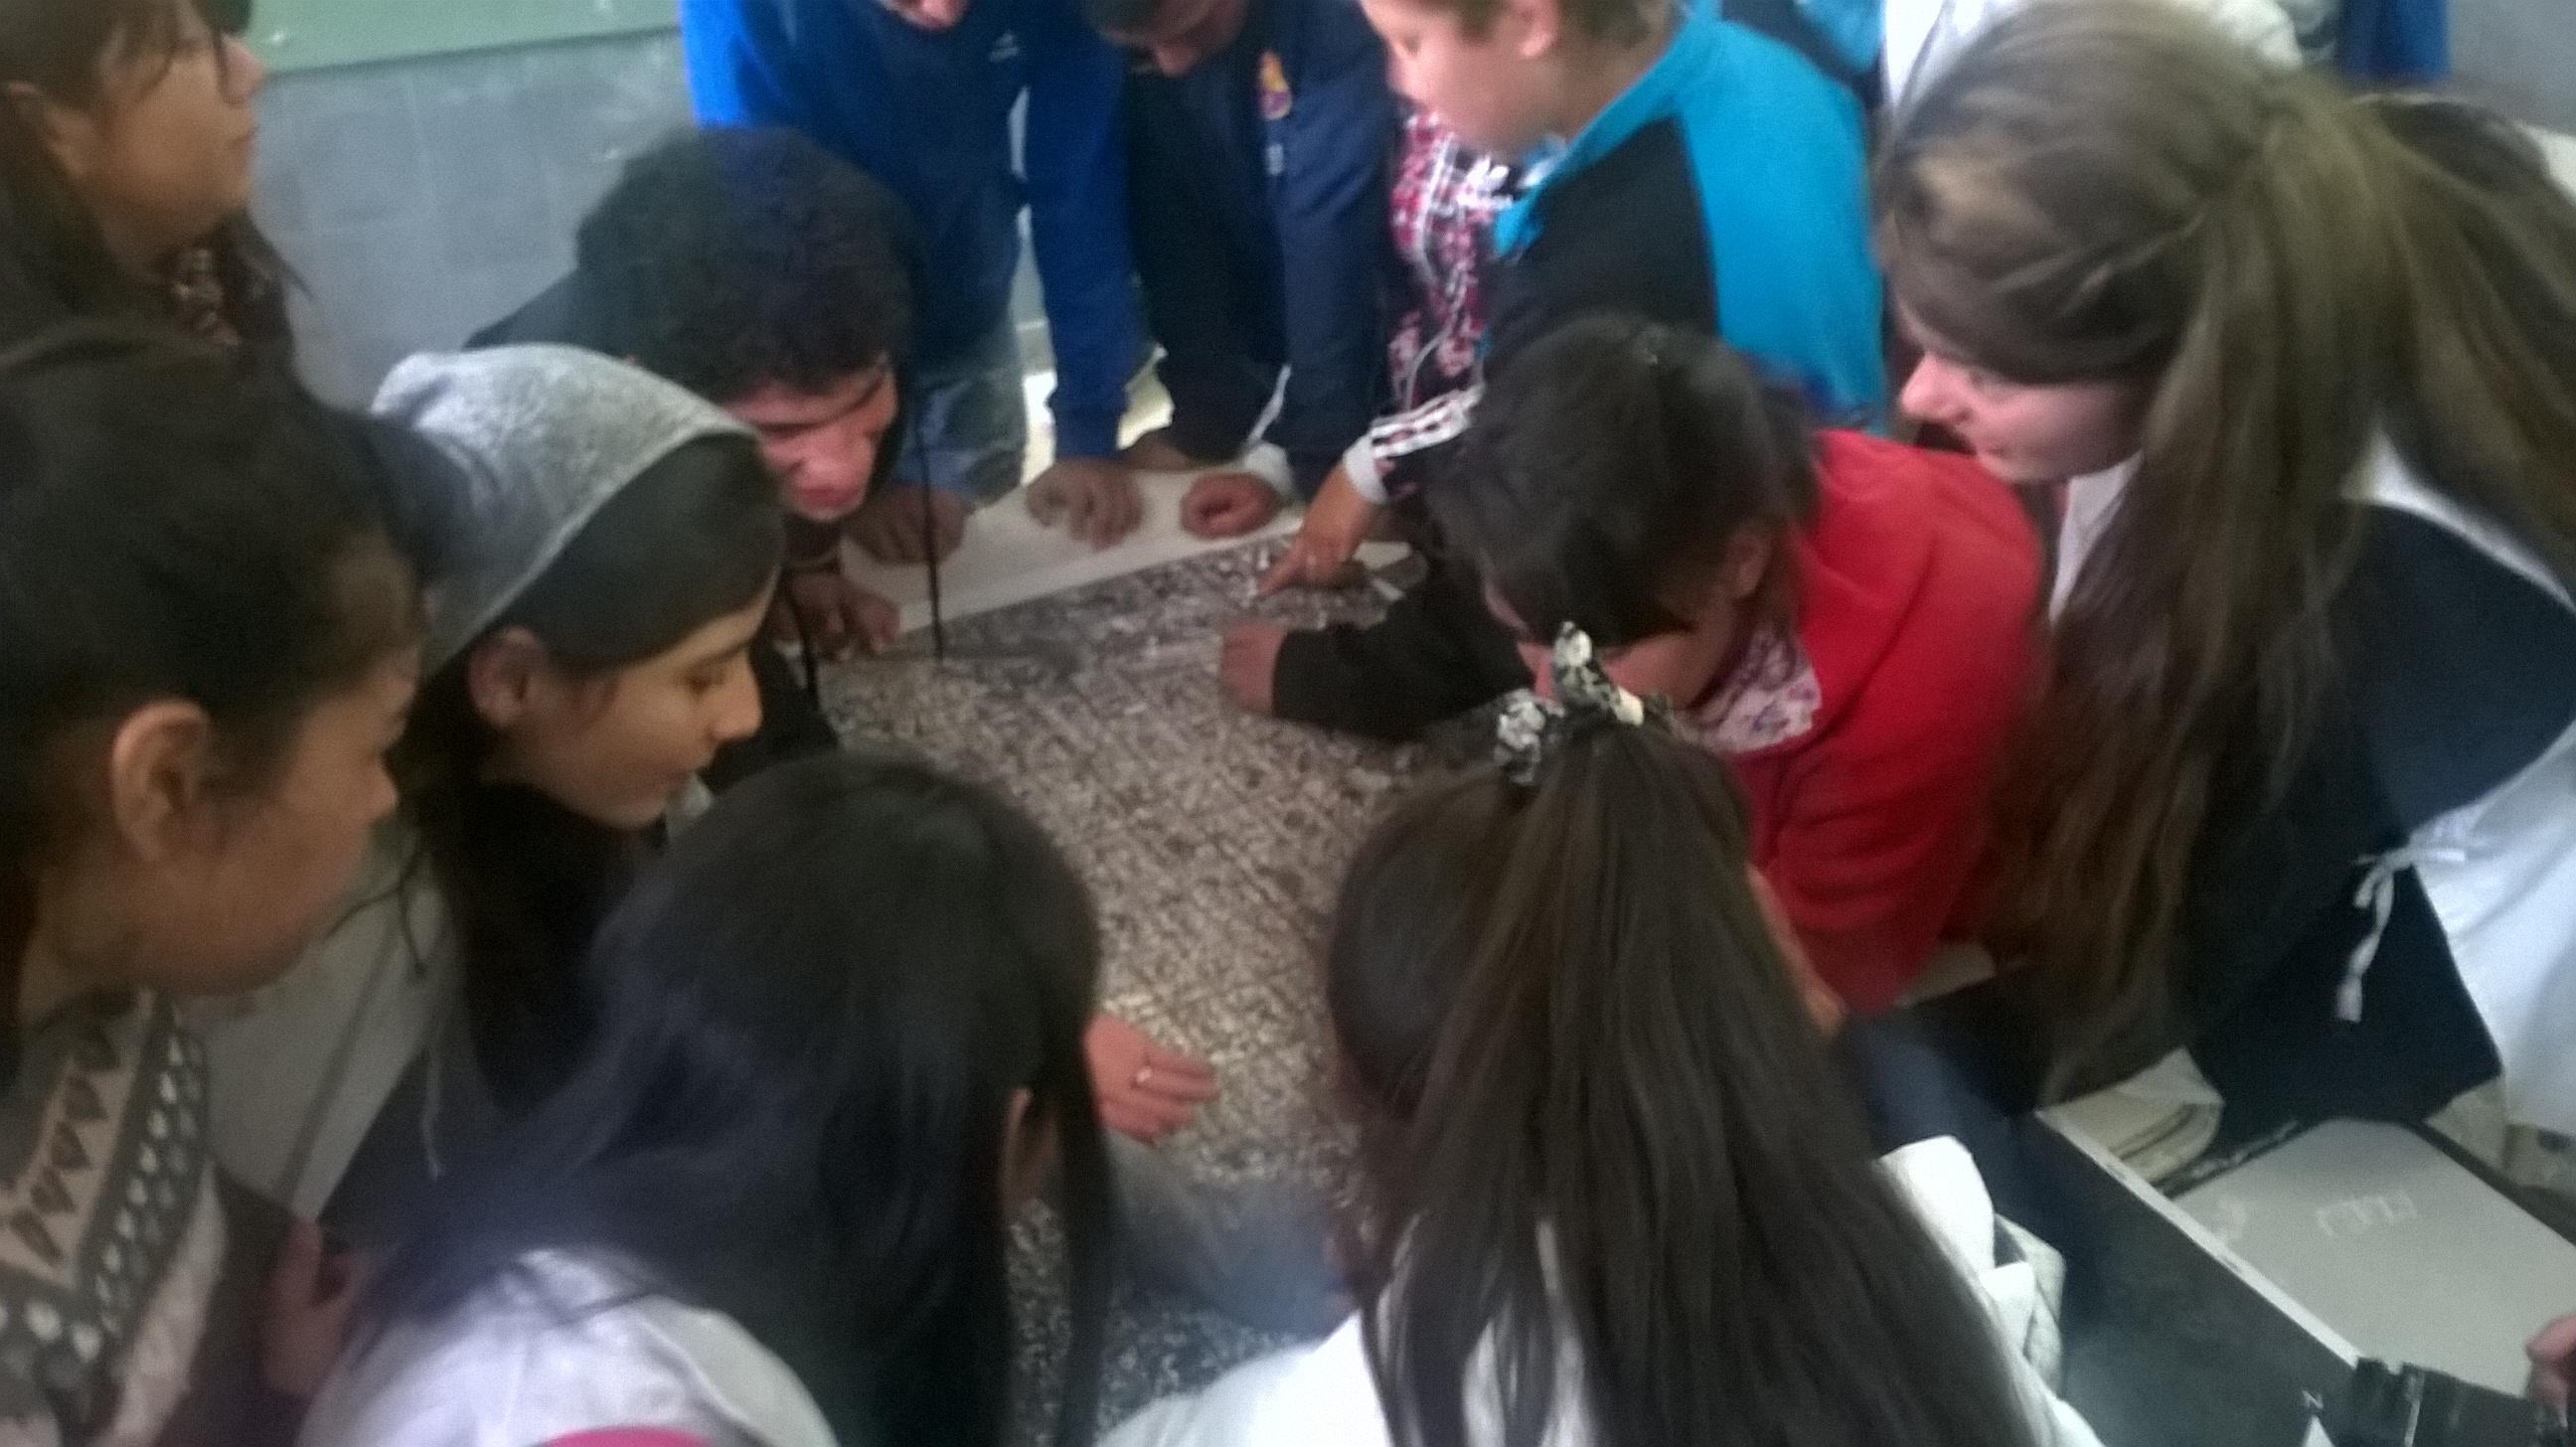 Taller Escuela 130 Laferrere. Matanza. 13 de octubre 2015